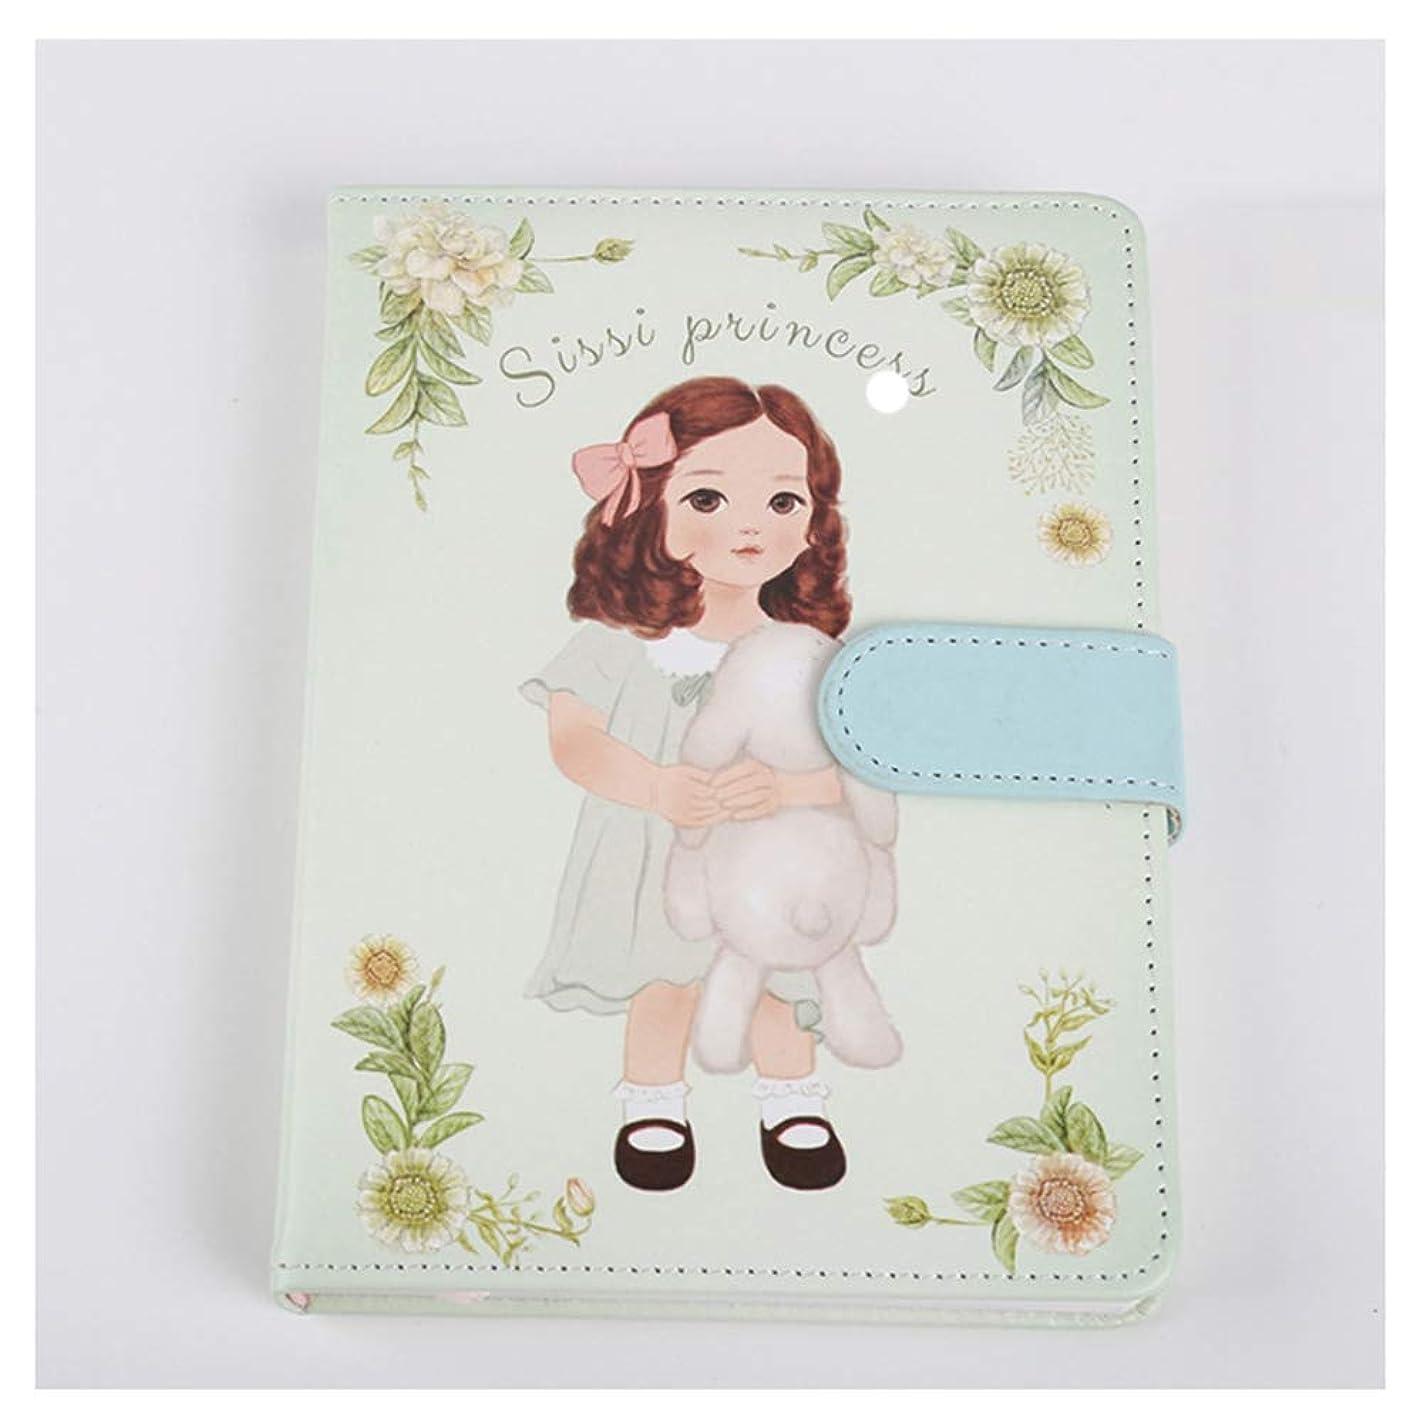 ノート,漫画の革磁気バックルノートブック36 Kなめらかなミニマリスト日記、贈り物として適して